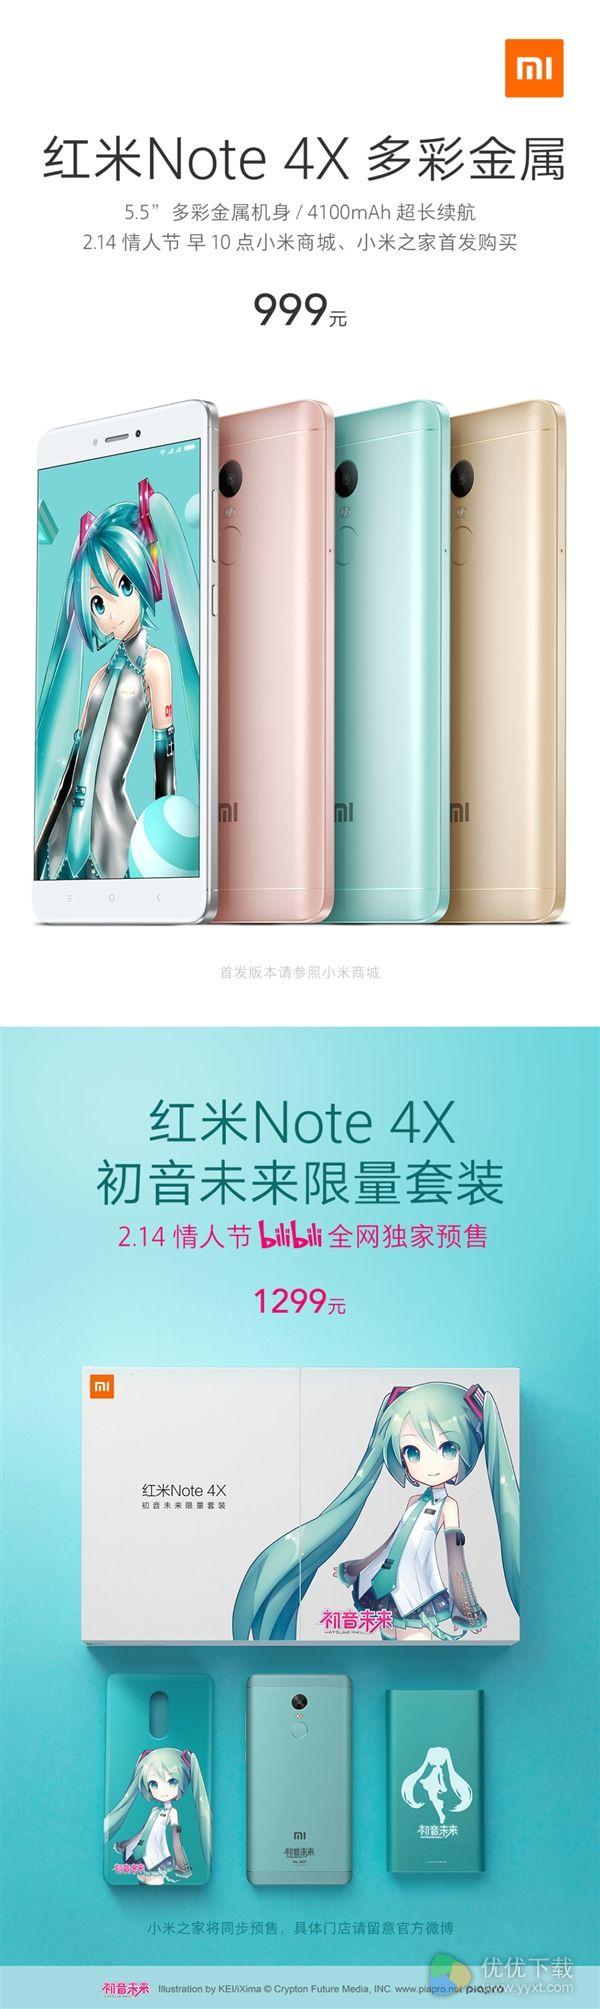 999元起!红米Note 4X售价公布了